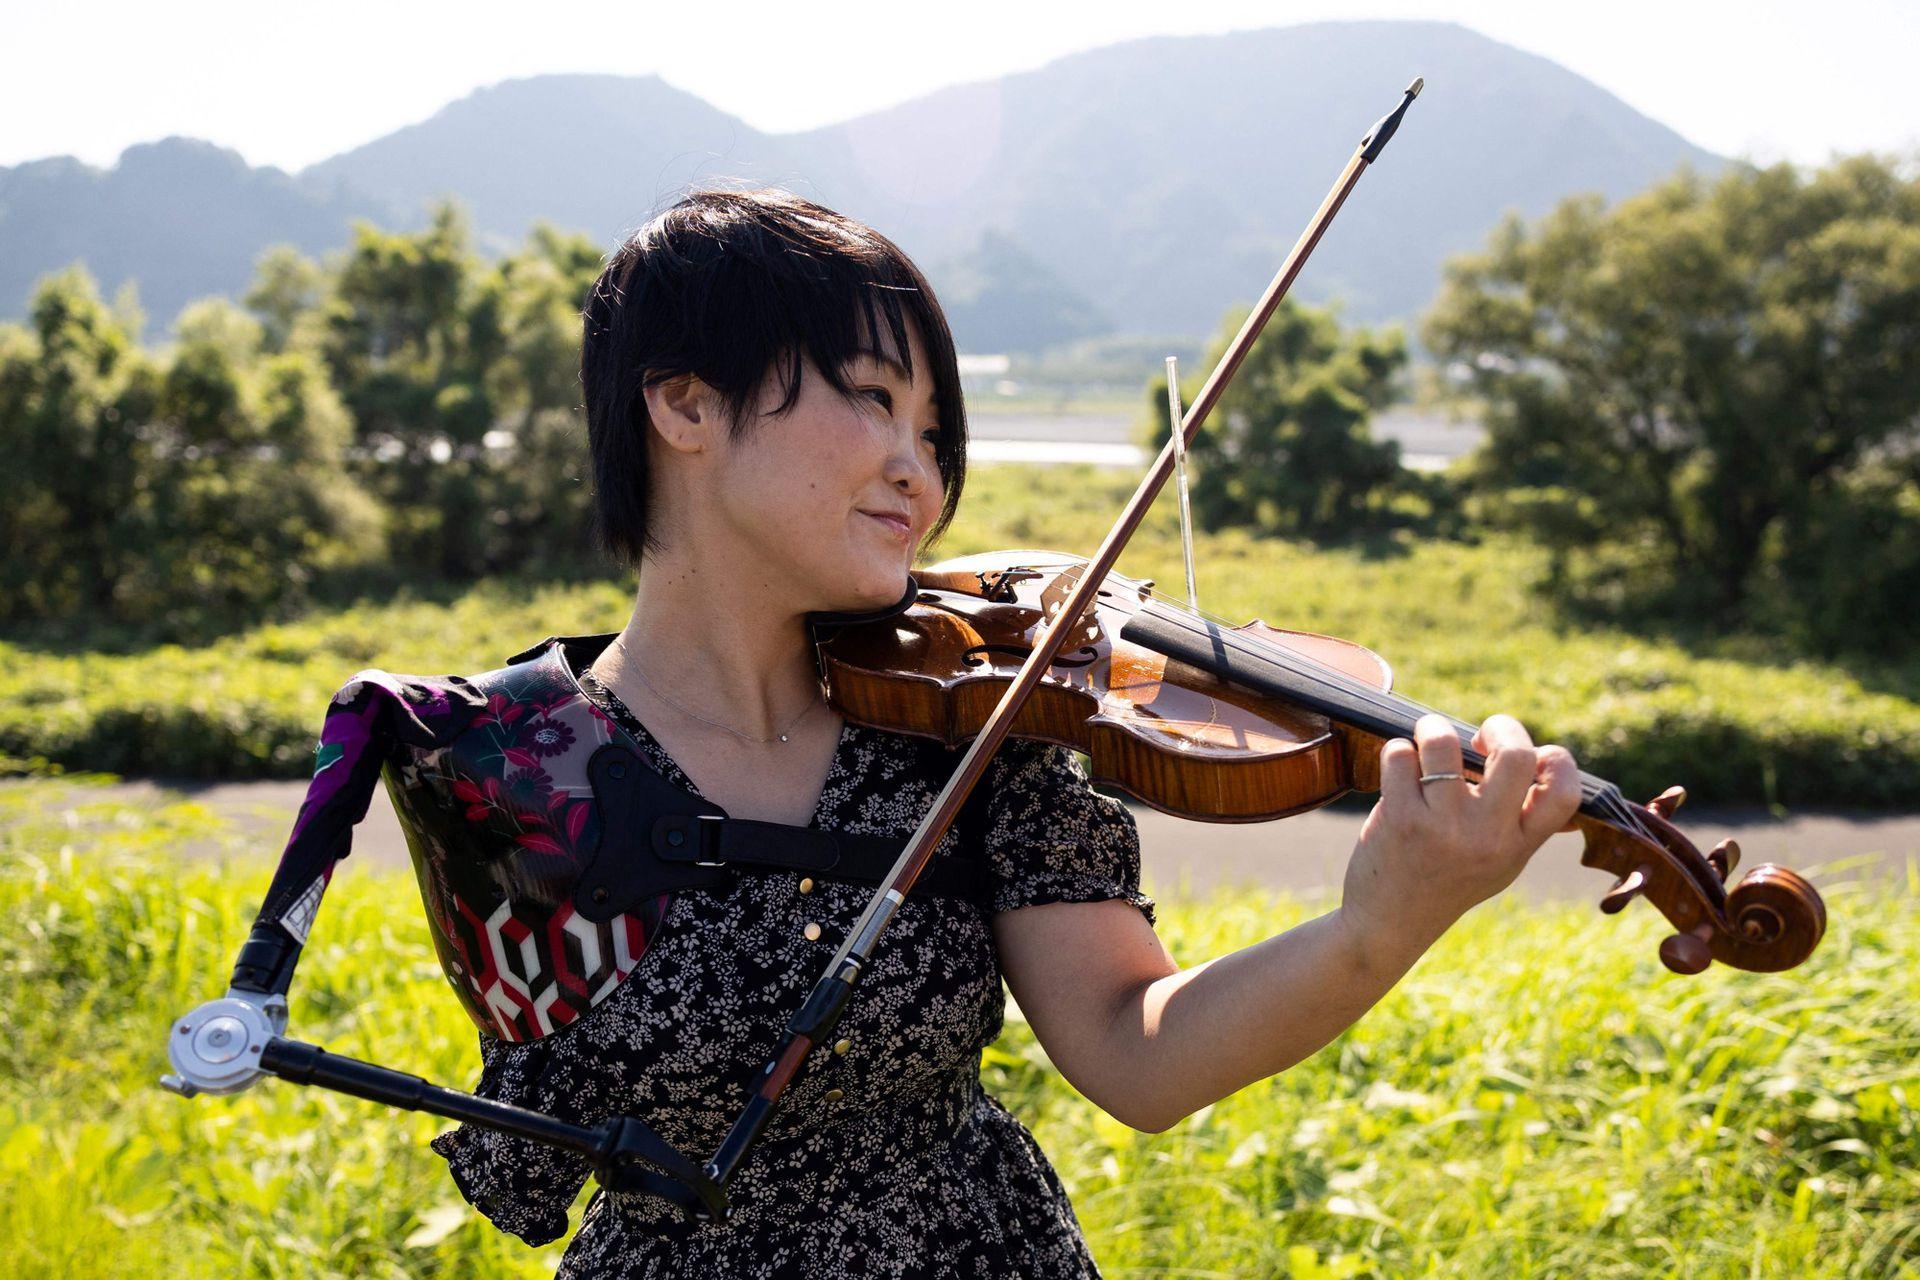 La música japonesa Manami Ito, que también es enfermera titulada y ex nadadora paralímpica, toca el violín con su brazo protésico durante una sesión de fotografía en Shizuoka.